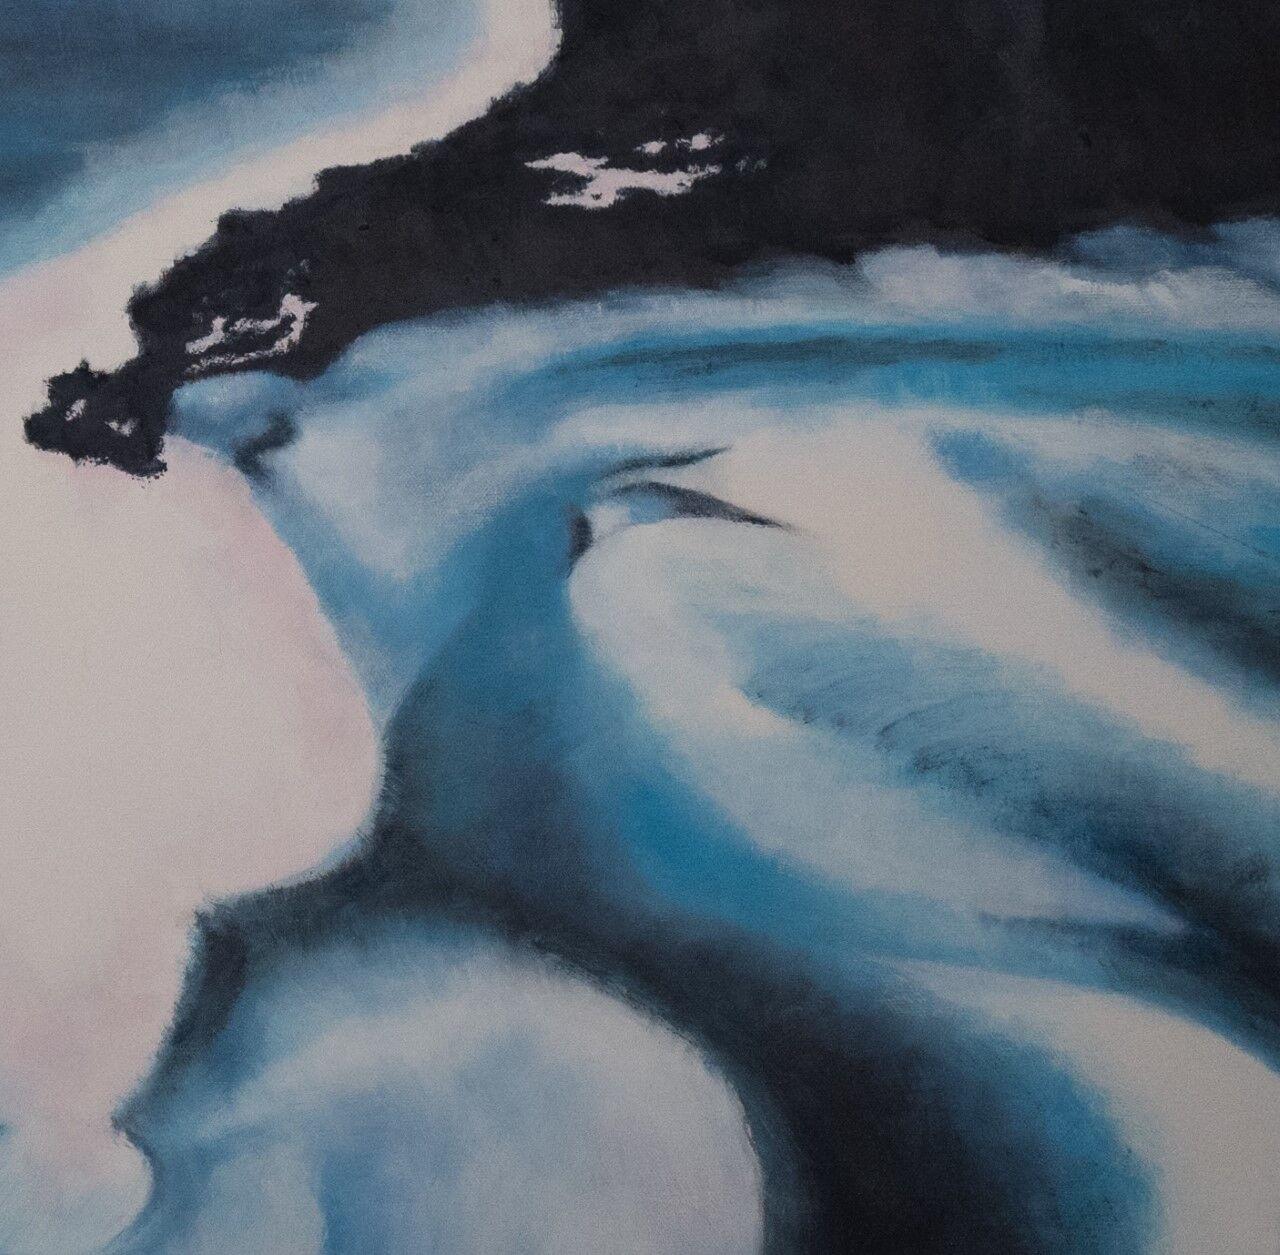 thumbnail-margaret-picken-whitehaven-from-above-detail-1